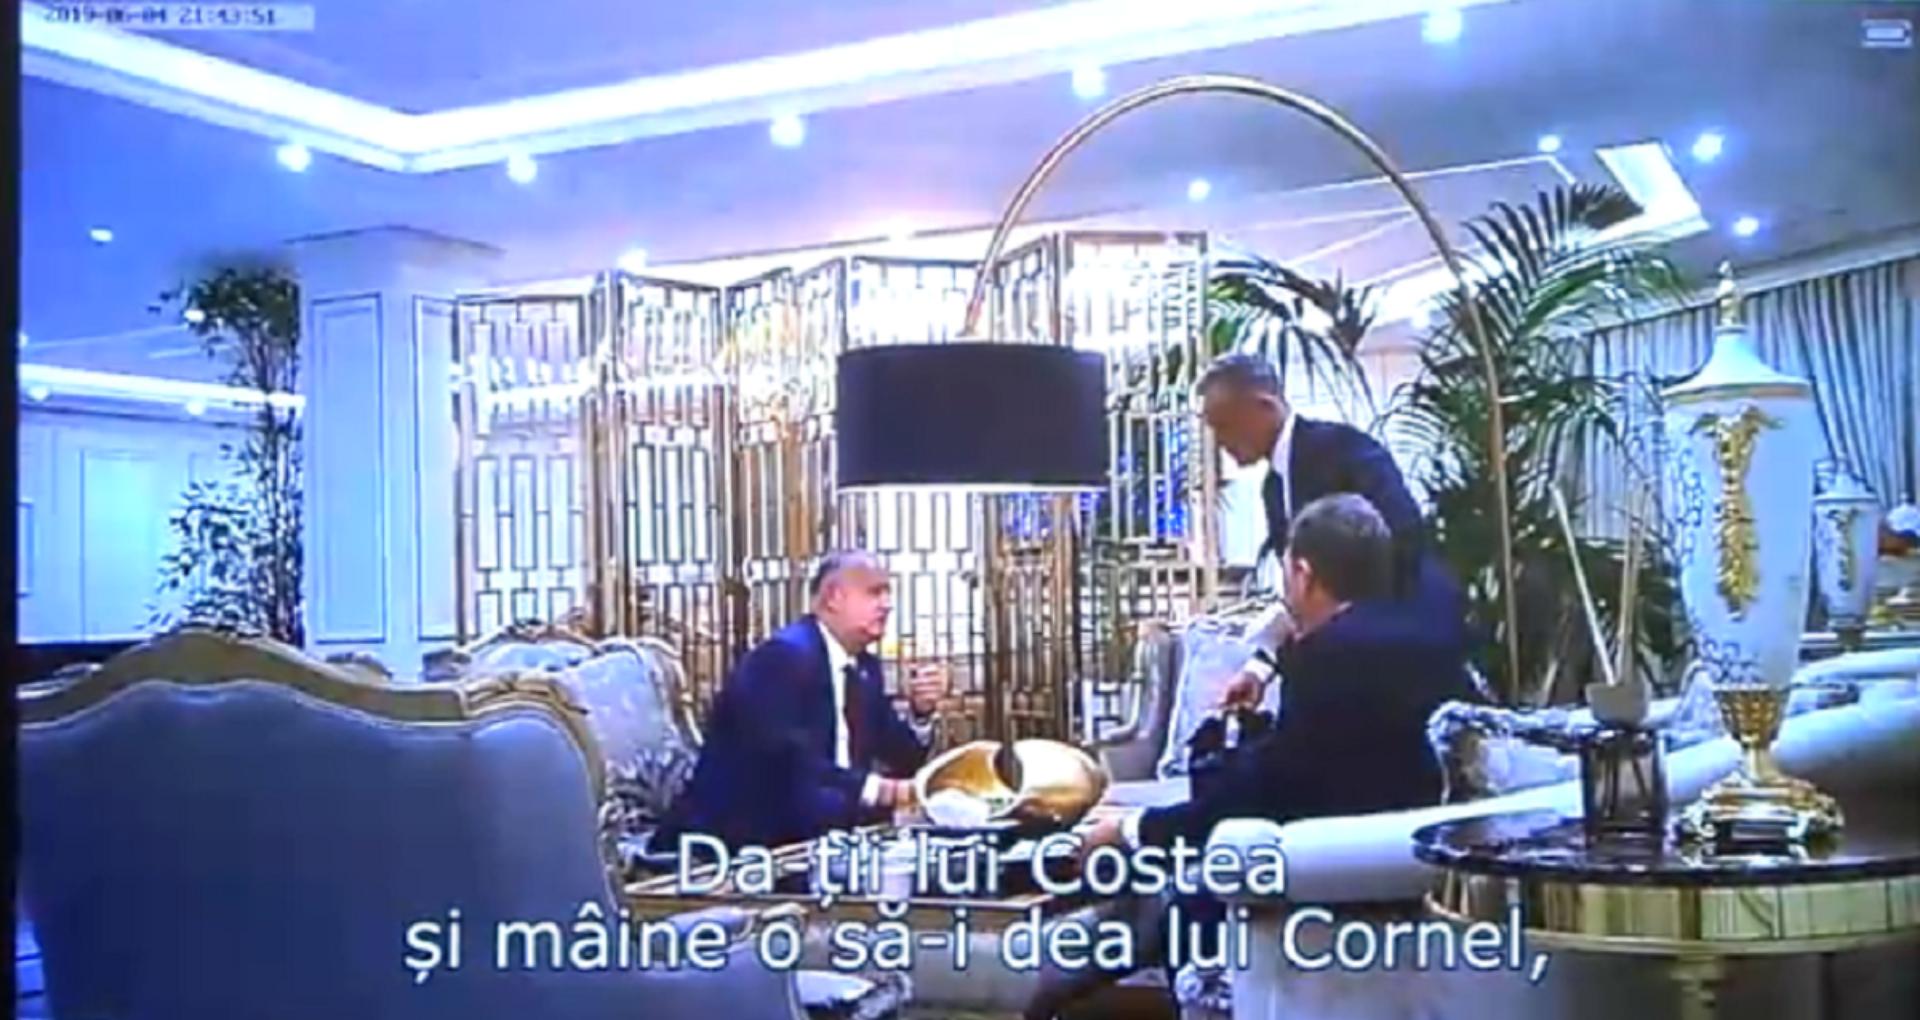 VIDEO/ Un nou fragment de la întâlnirea lui Dodon cu Plahotniuc și Iaralov: Apare o pungă